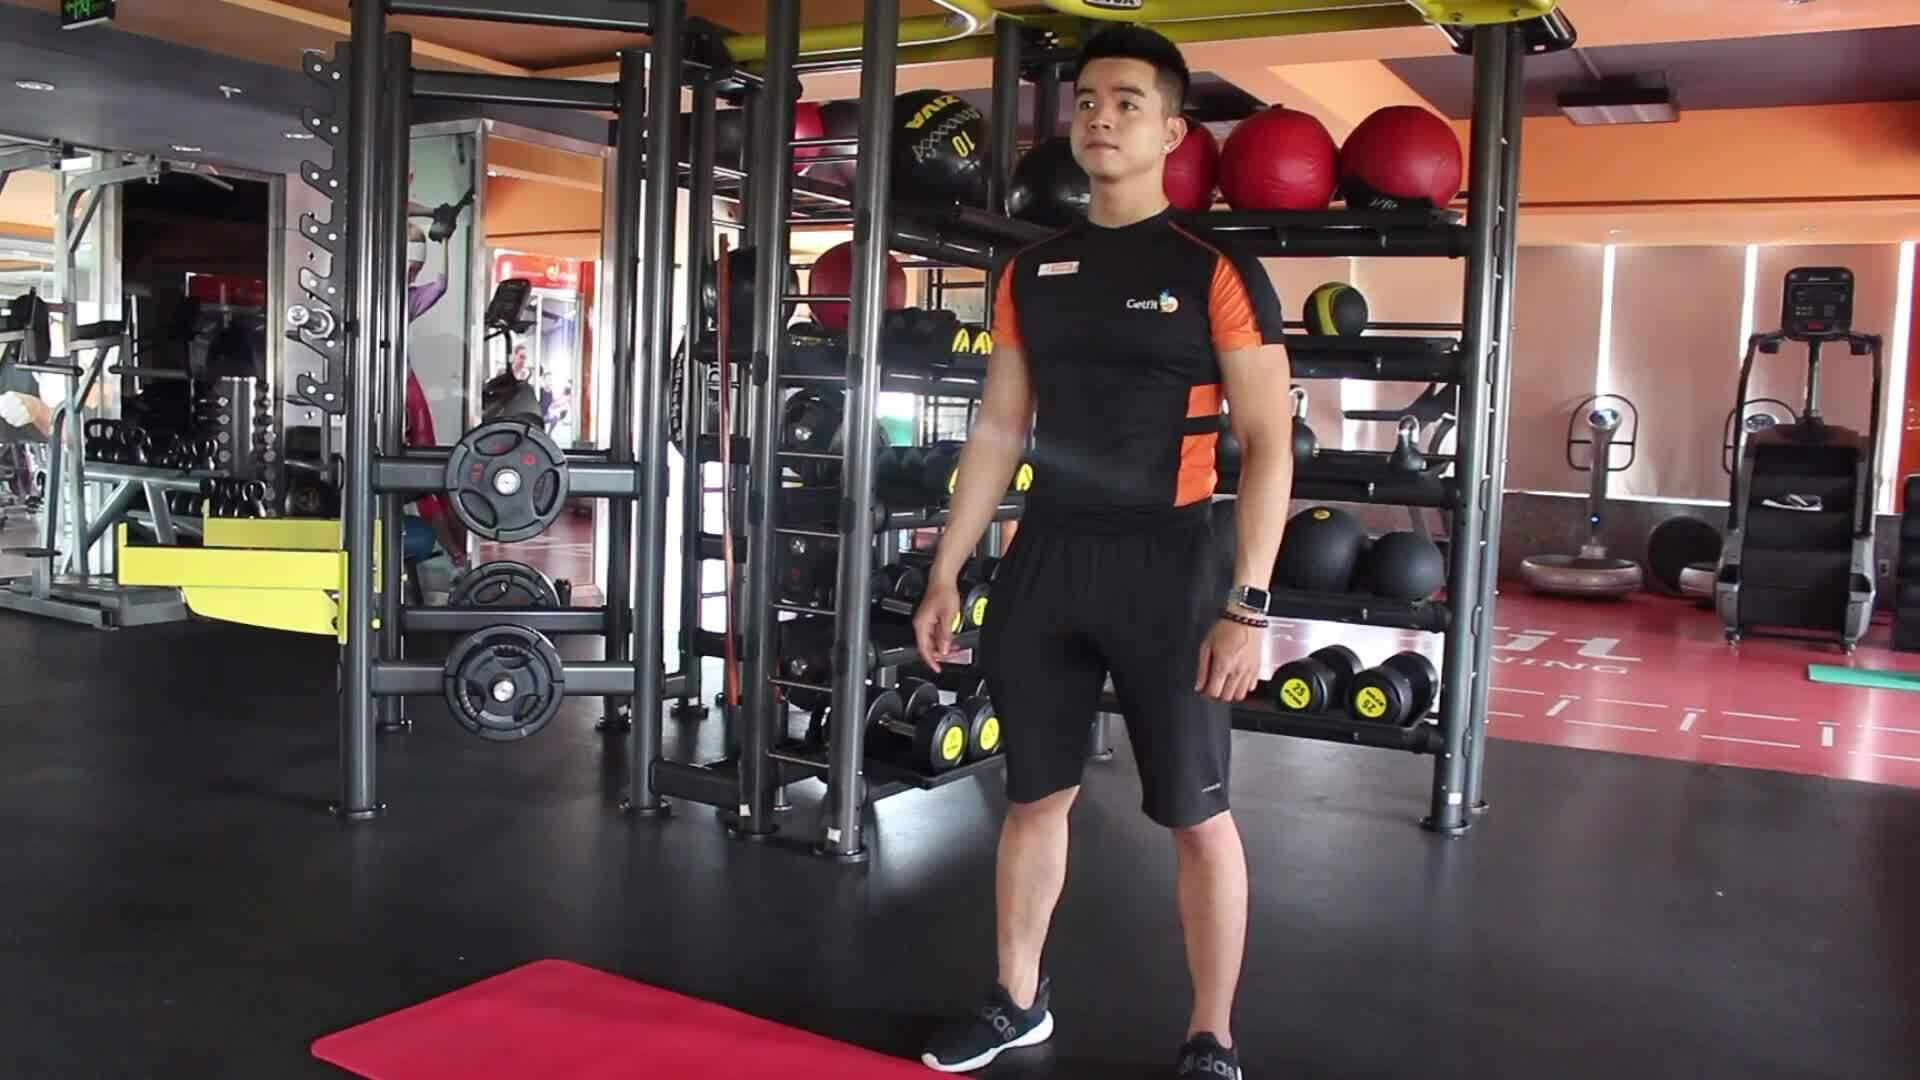 Giảm mỡ toàn thân hiệu quả chỉ với 4 động tác đơn giản